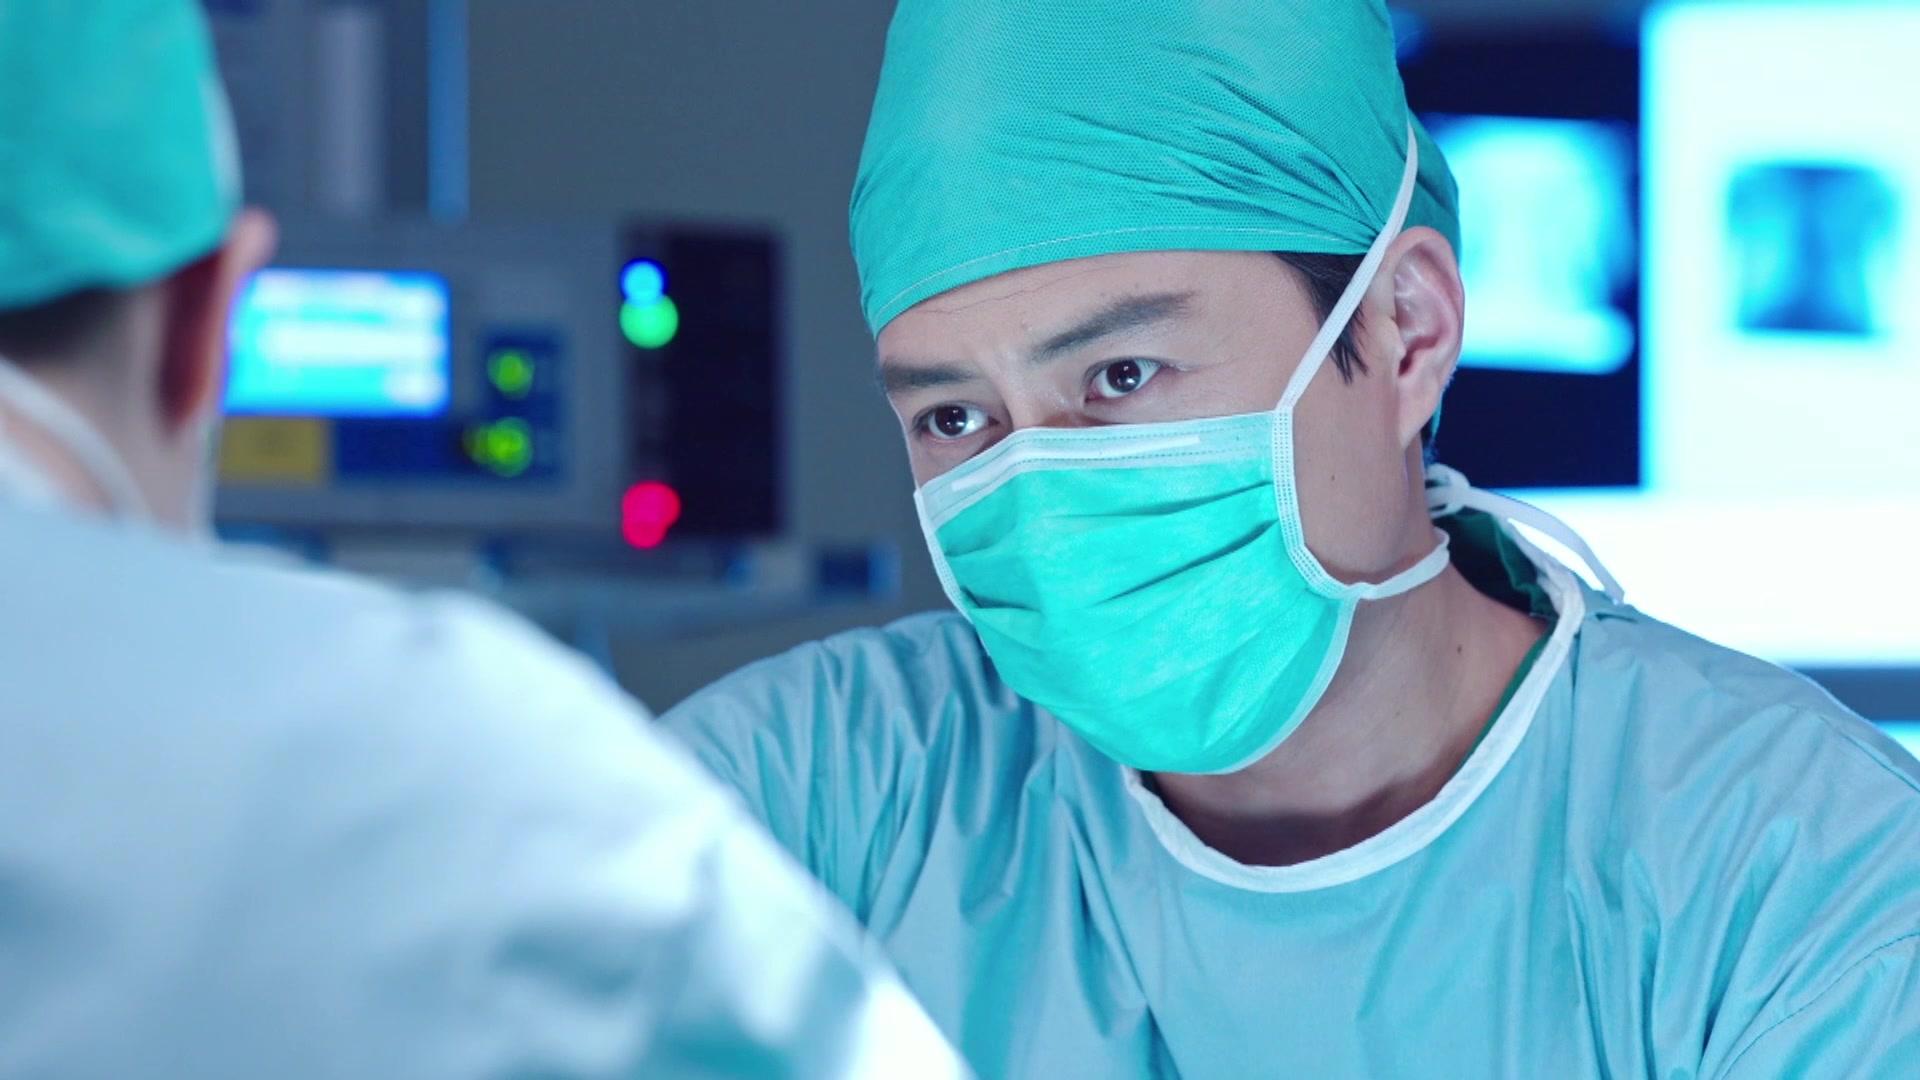 Surgeons Episode 18